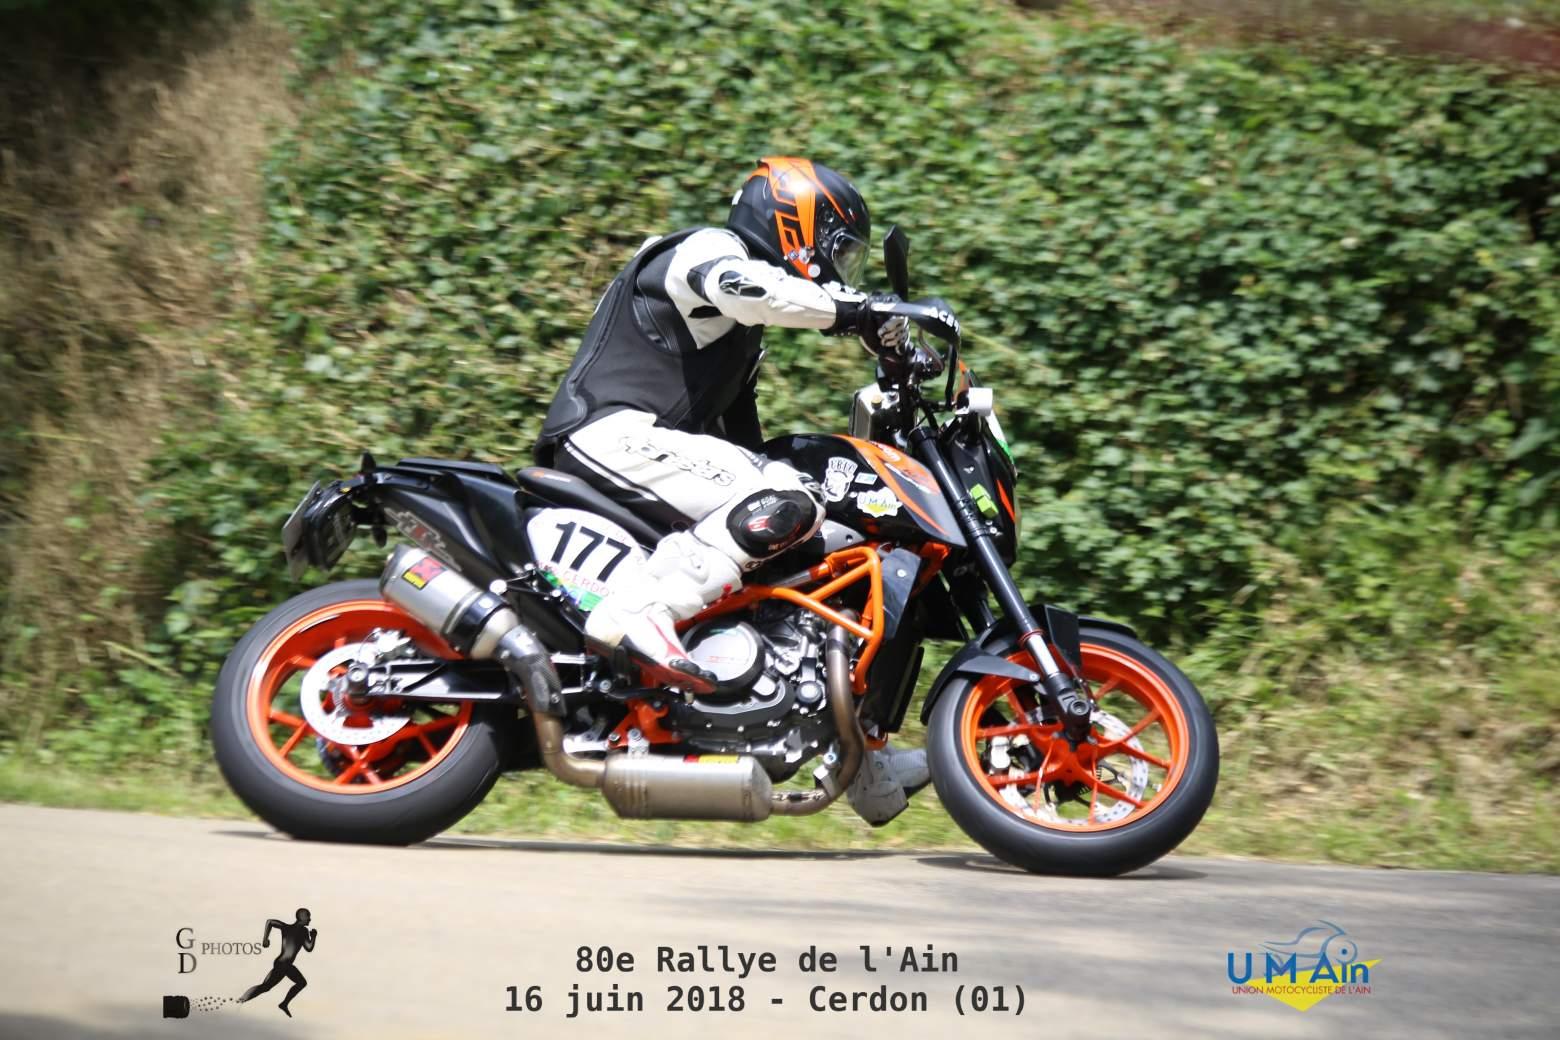 Championnat de France des Rallyes Routiers 2020